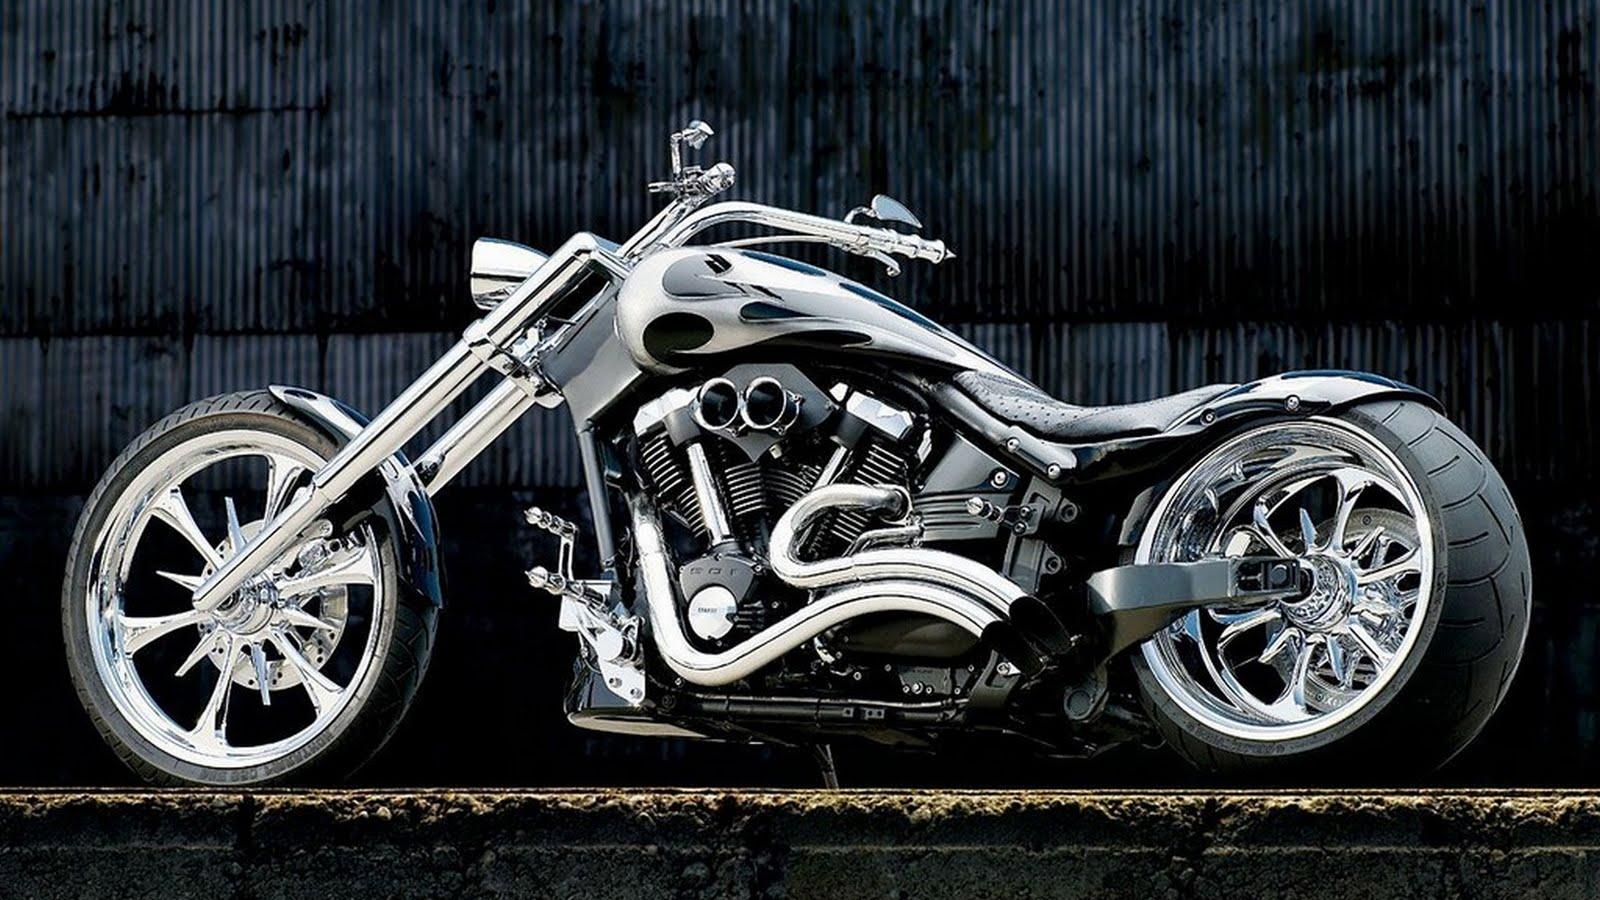 top desktop motorcycles wallpapers hd With Resolutions 1600900 Pixel 1600x900